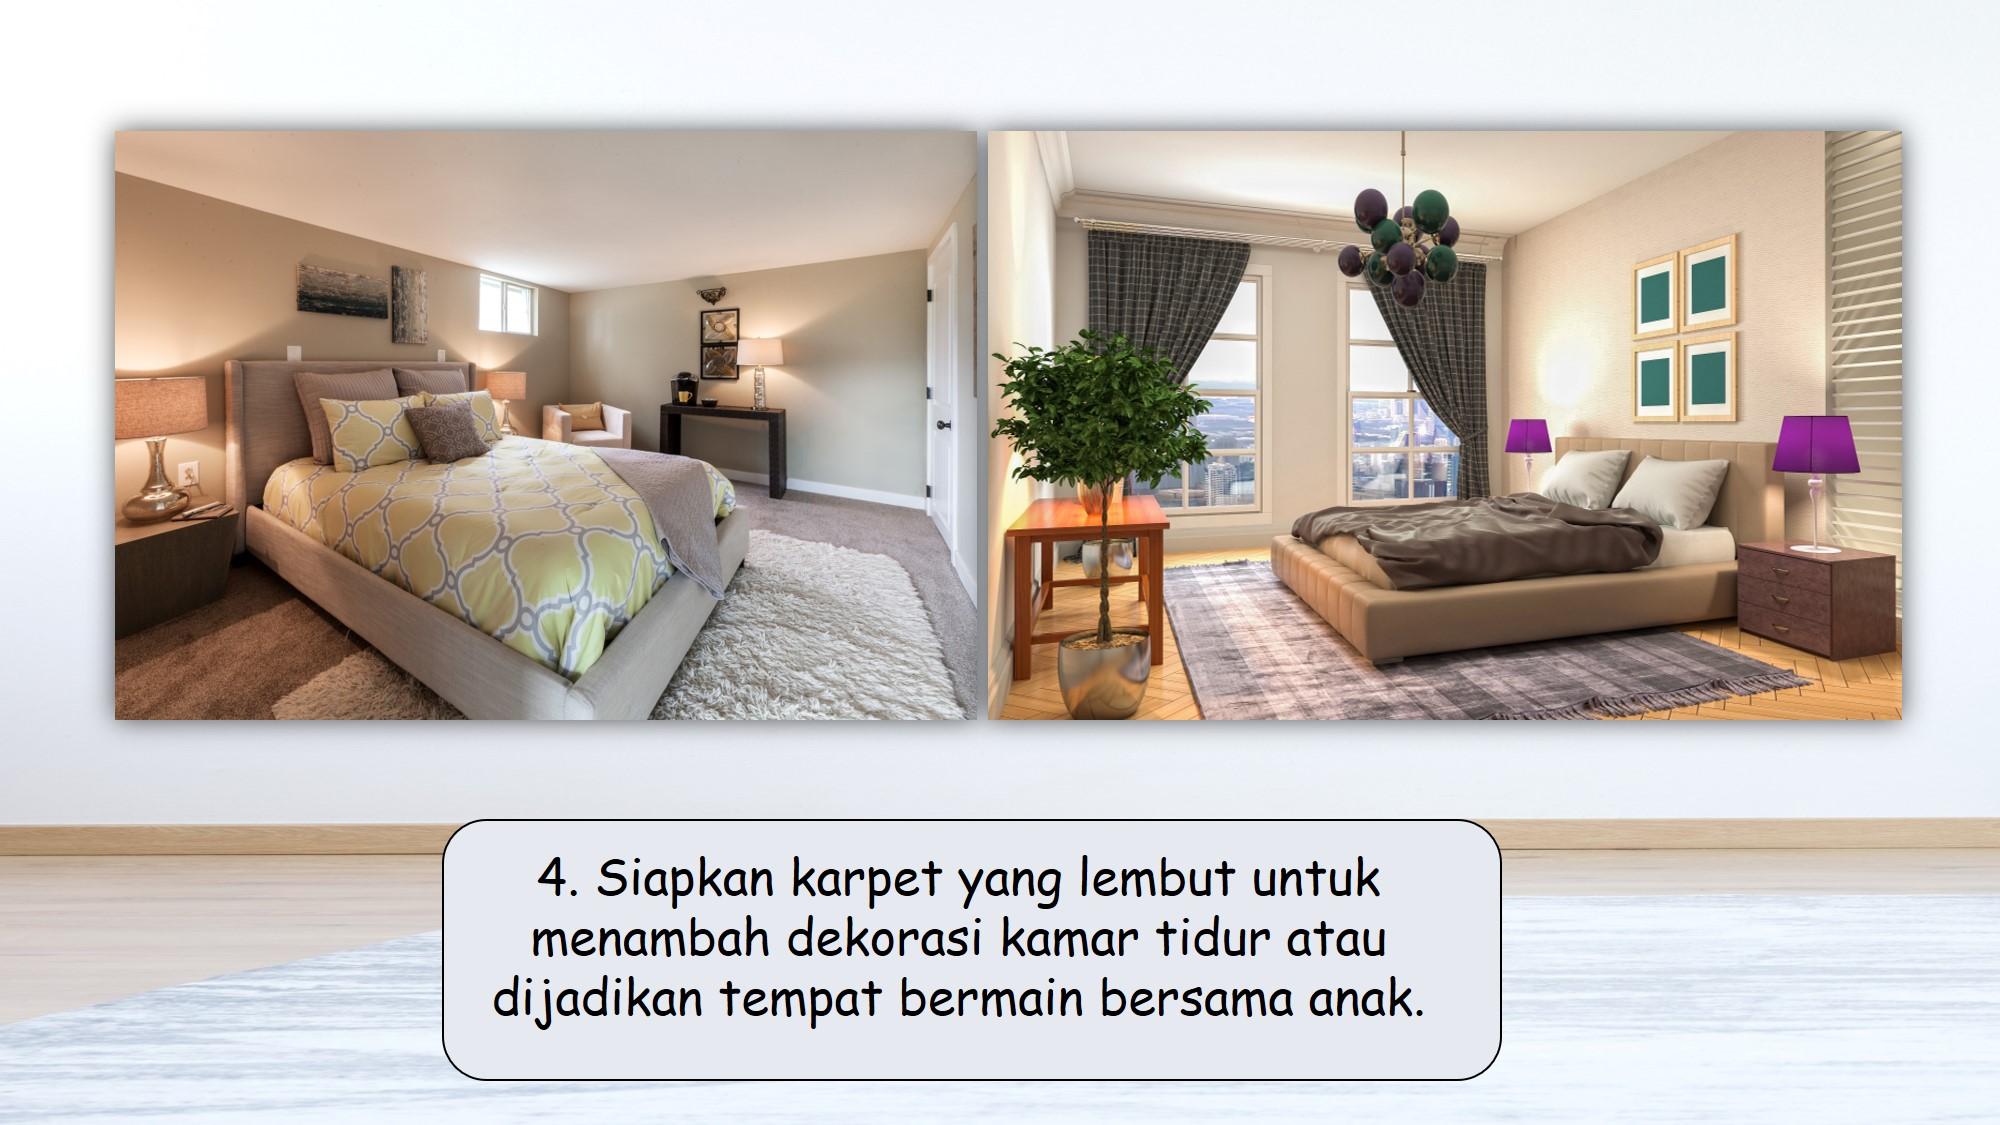 Tips menata kamar agar nyaman rebahan